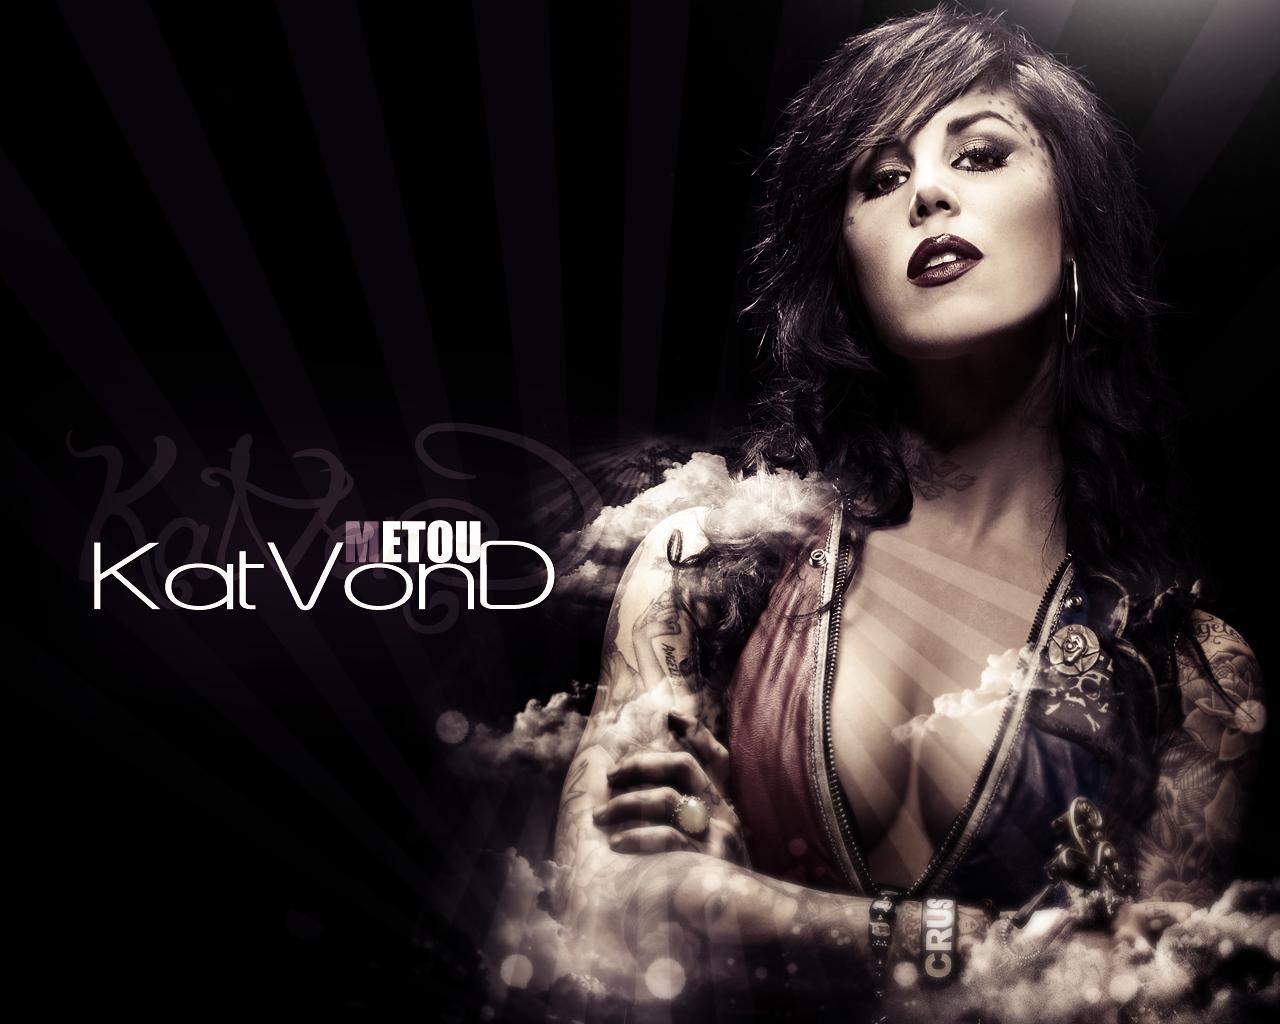 Kat Von D Net Worth